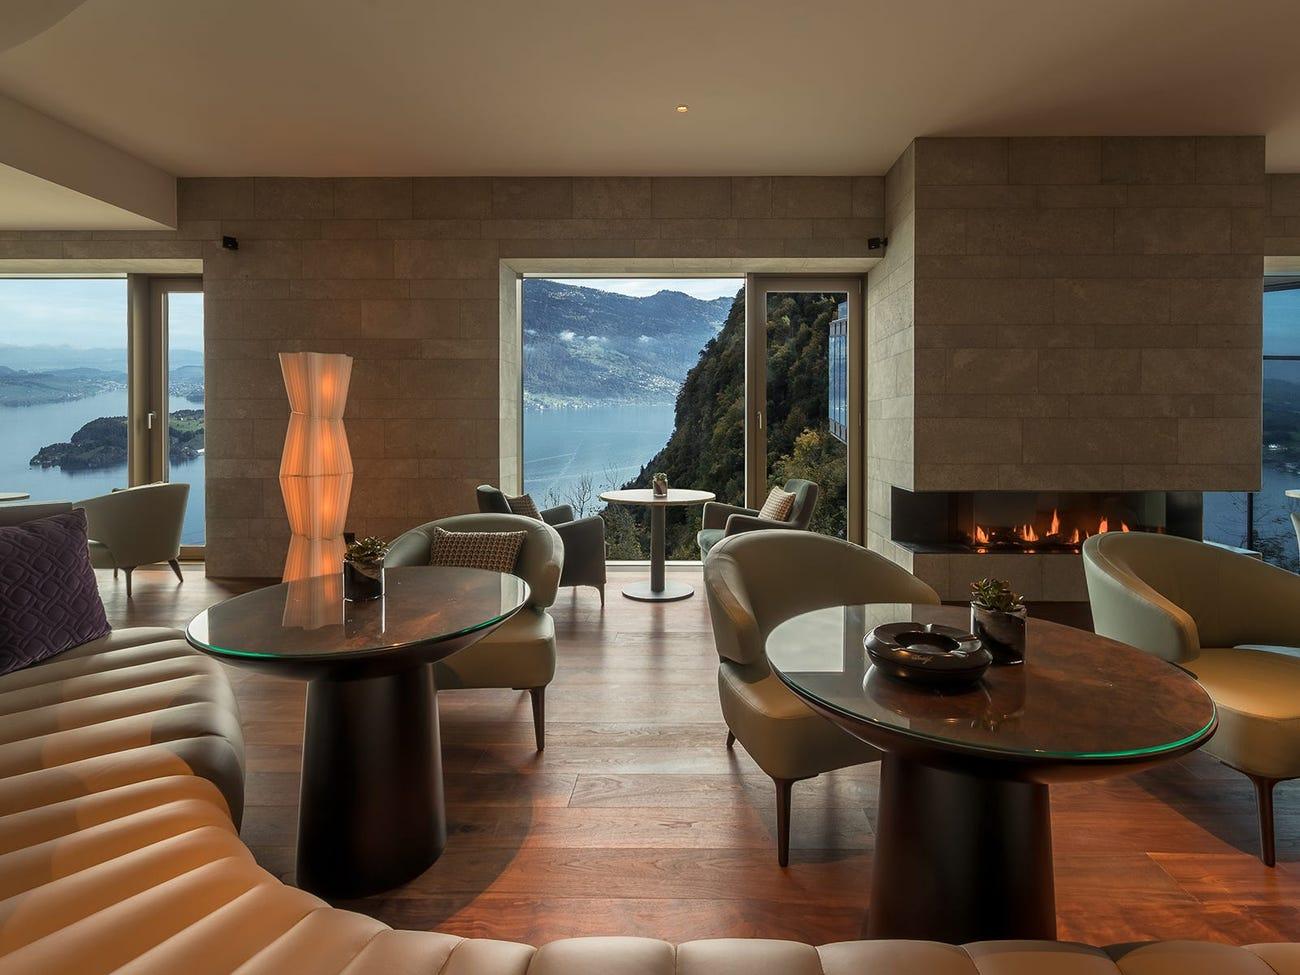 3 quán bar trong resort được thiết kế sang trọng và hiện đại. Một ly cocktail điển hình tại Lakeview Bar & Cigar Lounge có giá khoảng 26 USD, trong khi một điếu xì gà có giá 14-33 USD. Ảnh: Bürgenstock Hotels AG